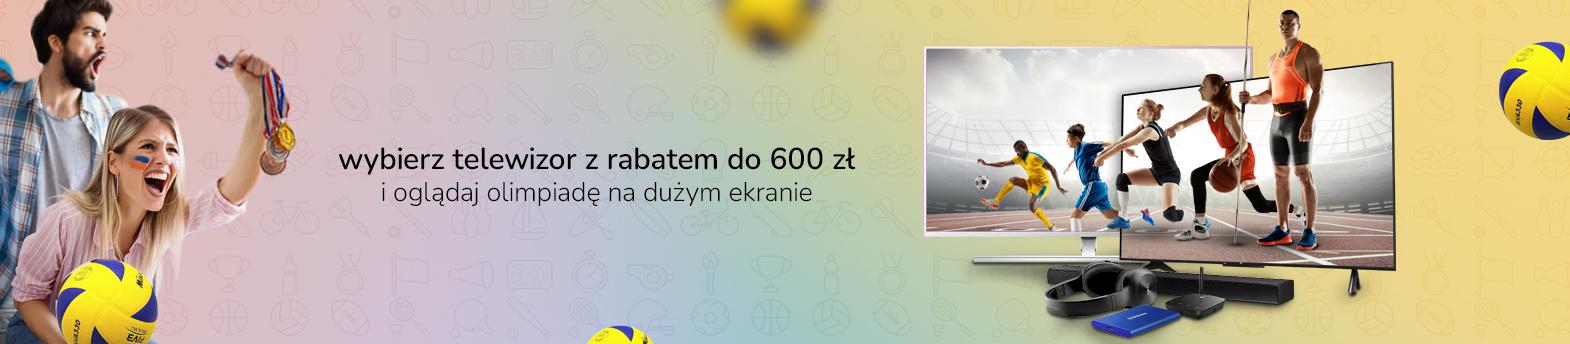 telewizory z rabatem do 600 zł